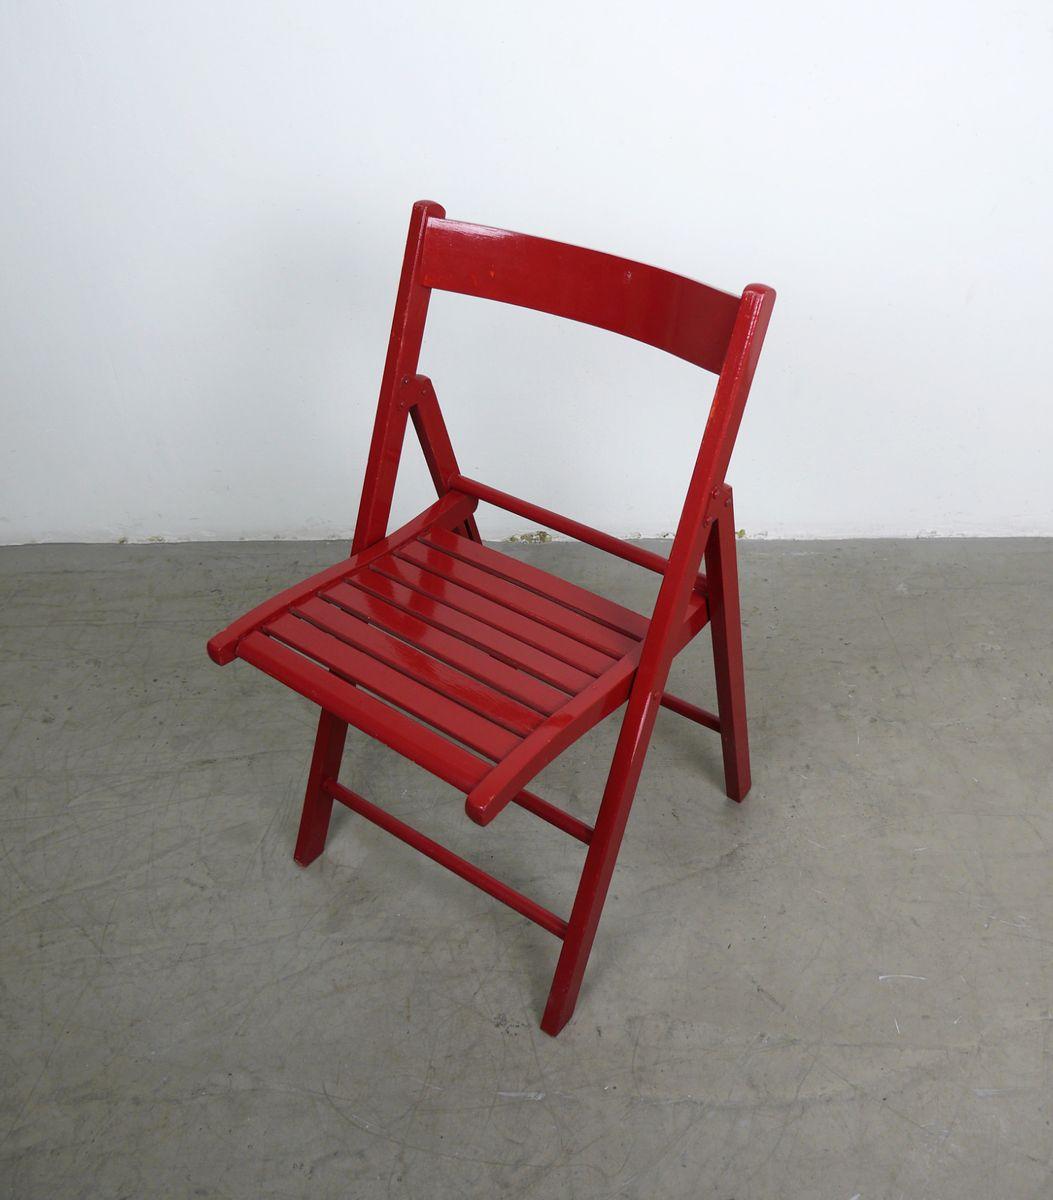 chaise pliante vintage rouge en bois en vente sur pamono. Black Bedroom Furniture Sets. Home Design Ideas